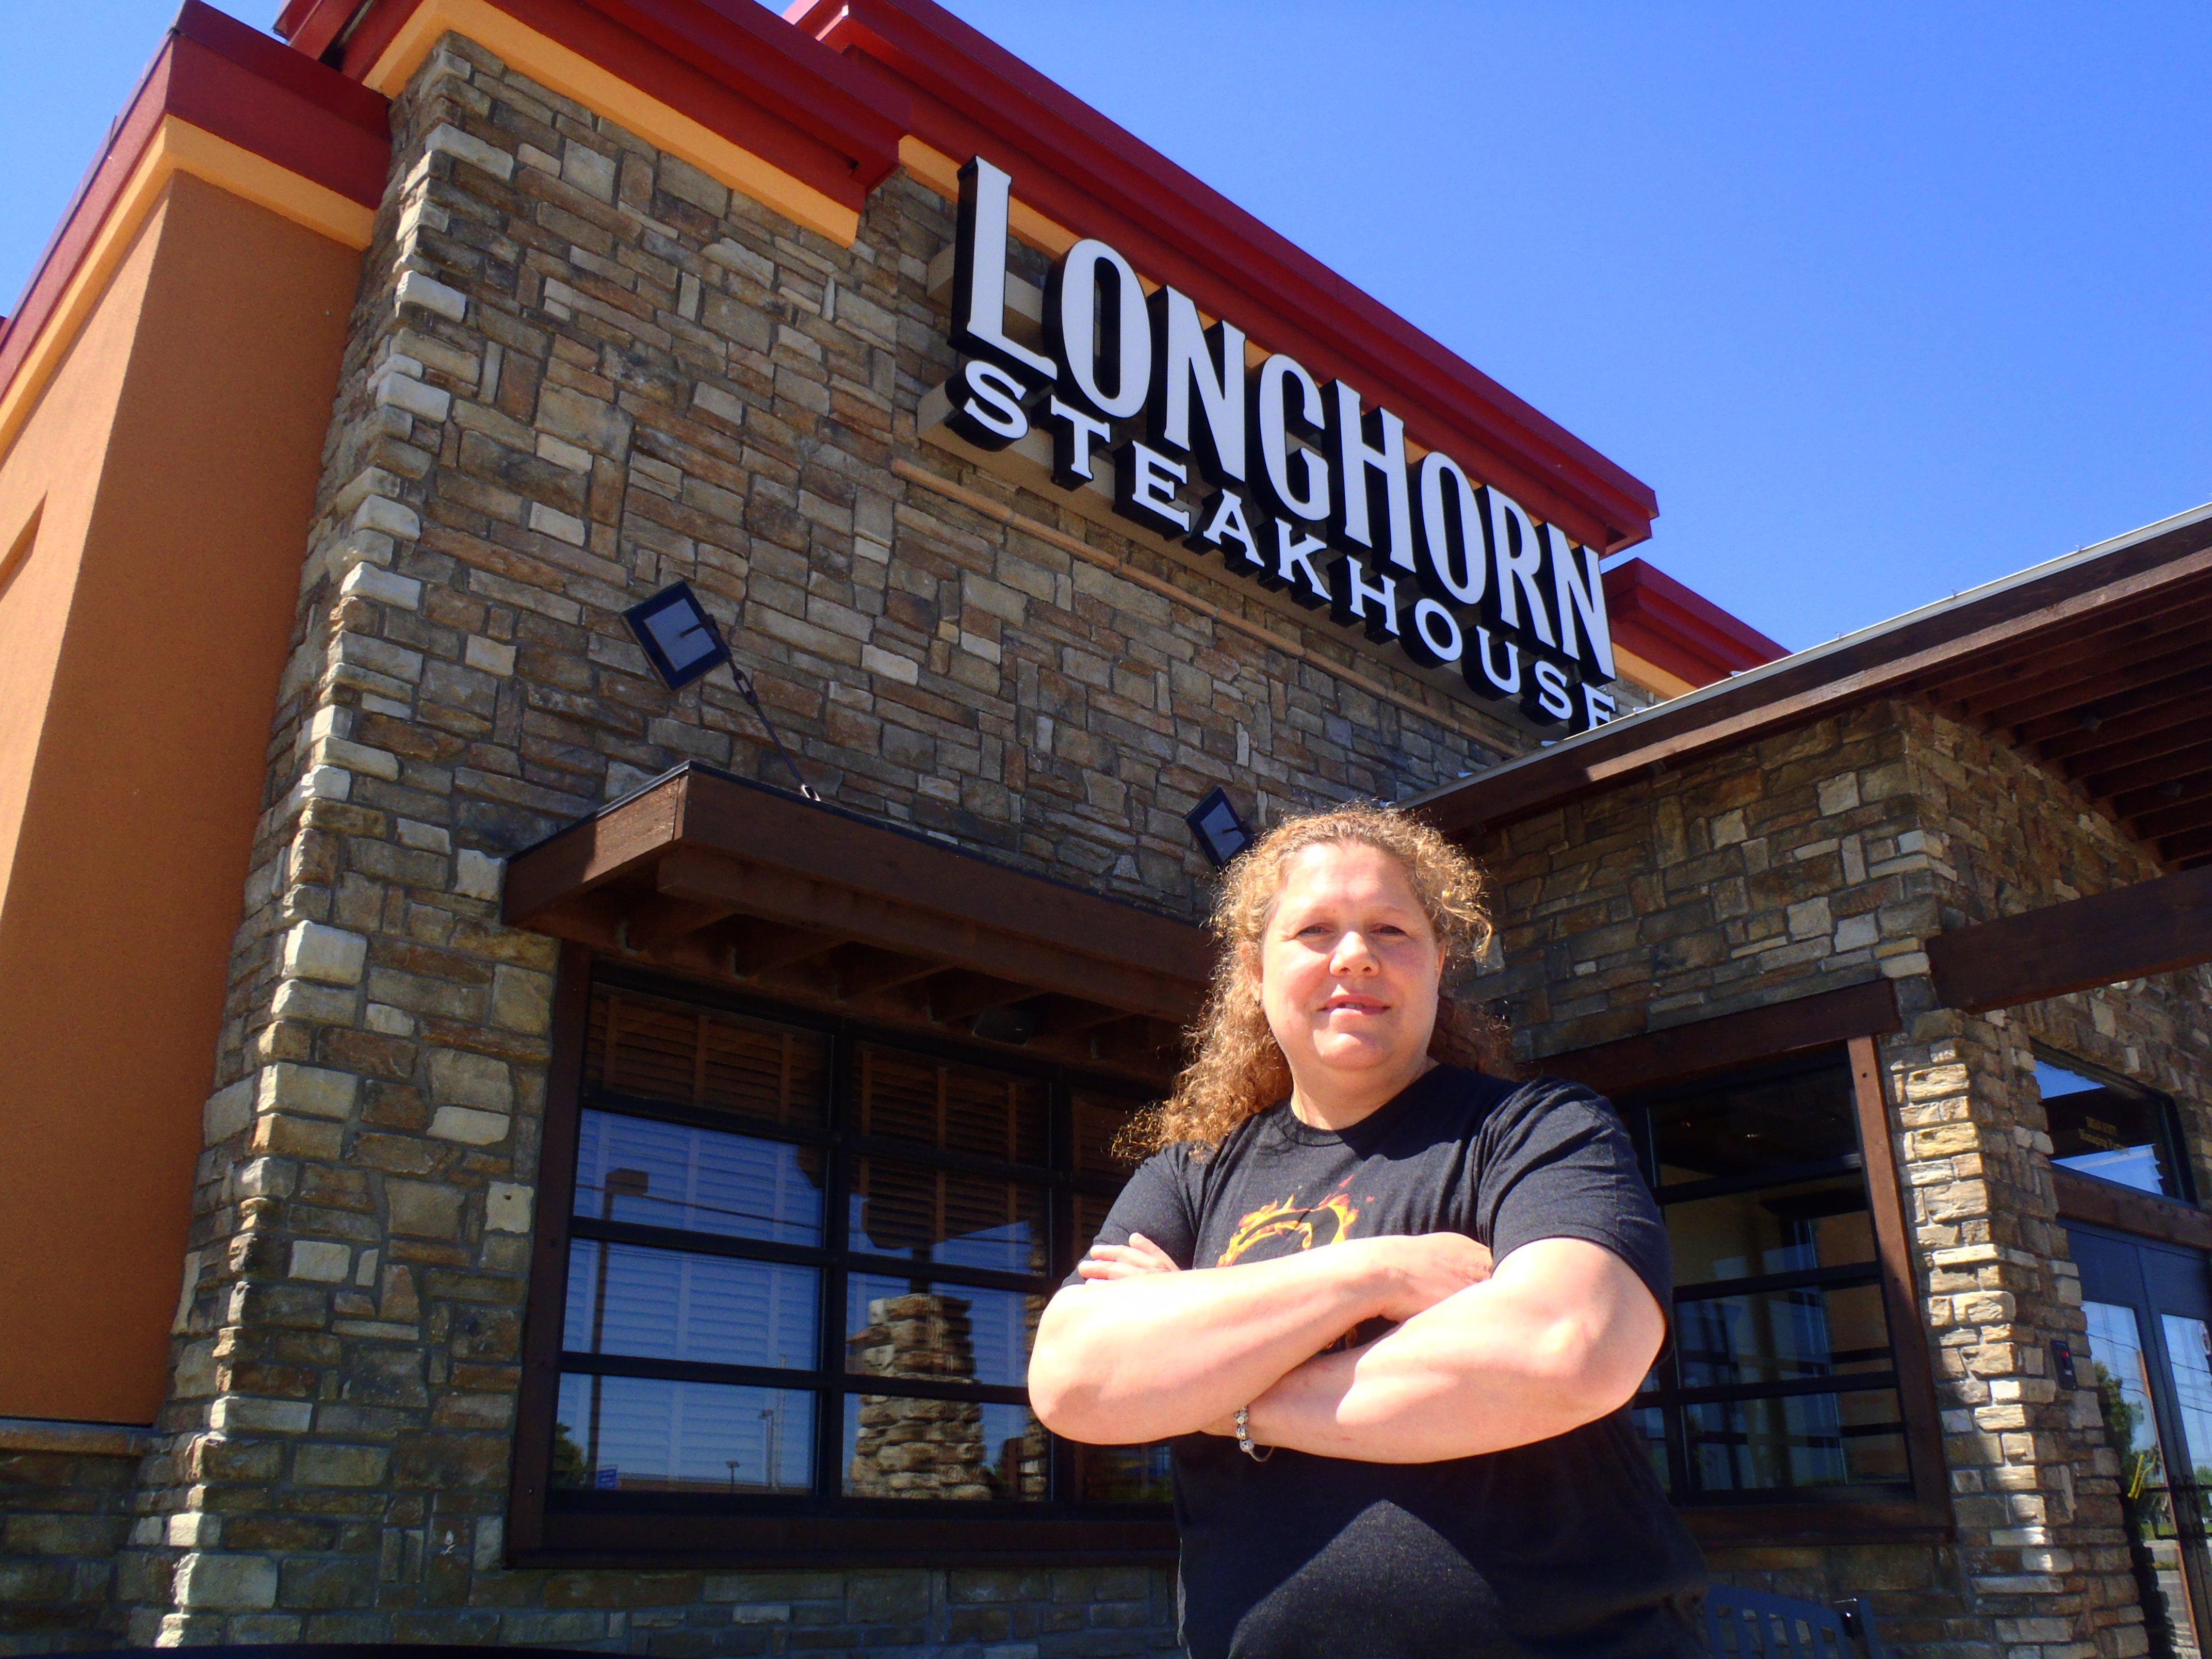 longhorn-steakhouse-ladies-grilling-tips